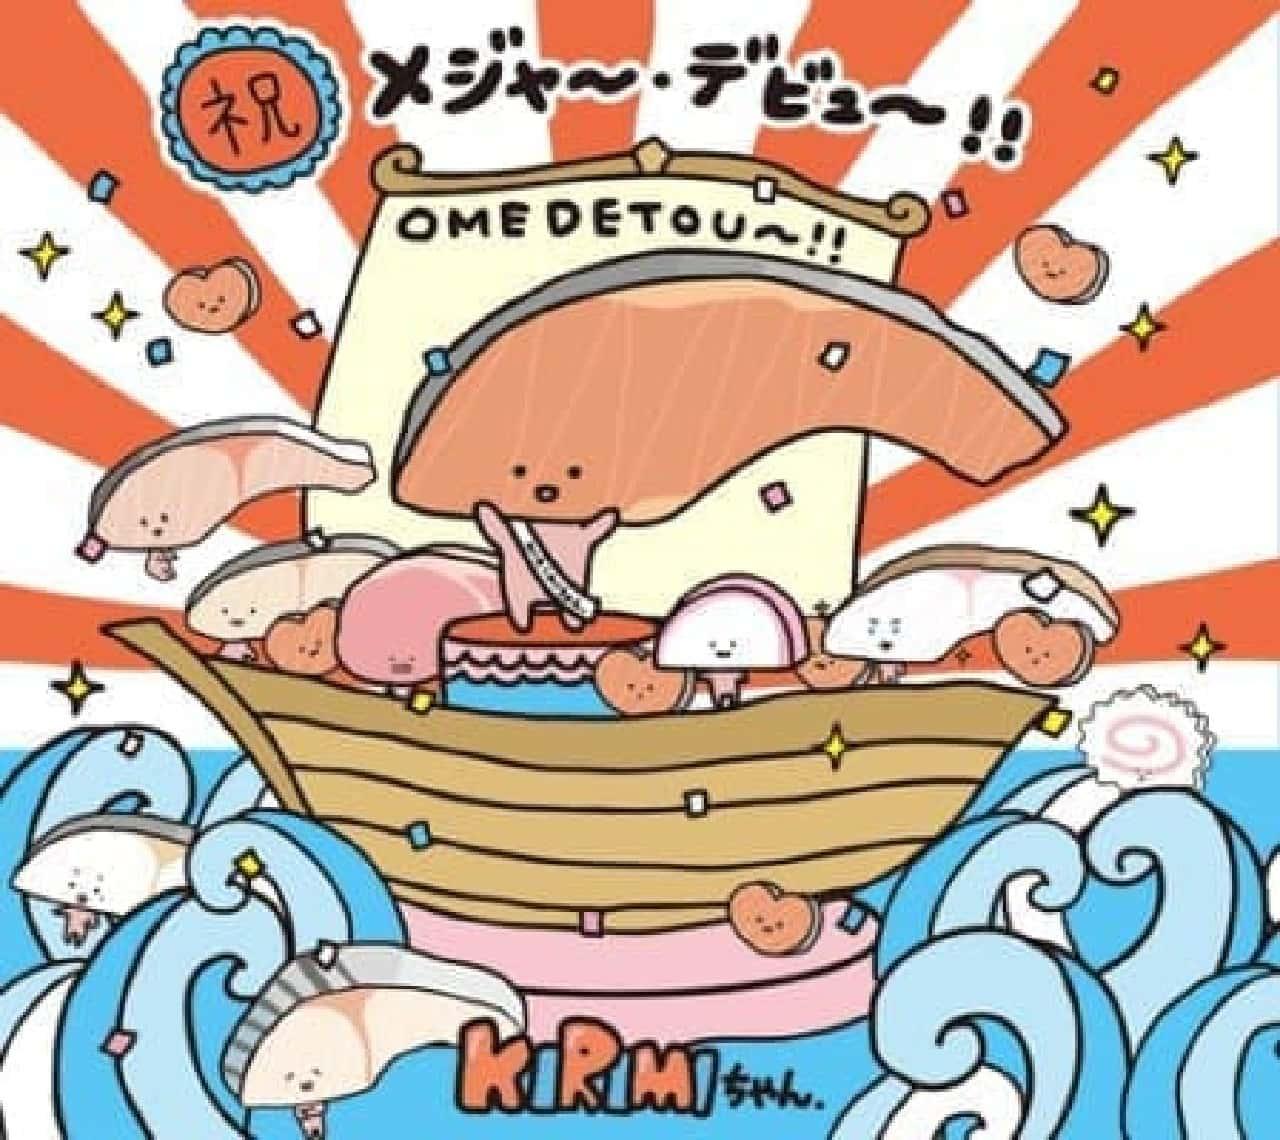 KIRIMI ちゃん、デビュー決定おめでとう!  (c)2013 SANRIO CO.,LTD.